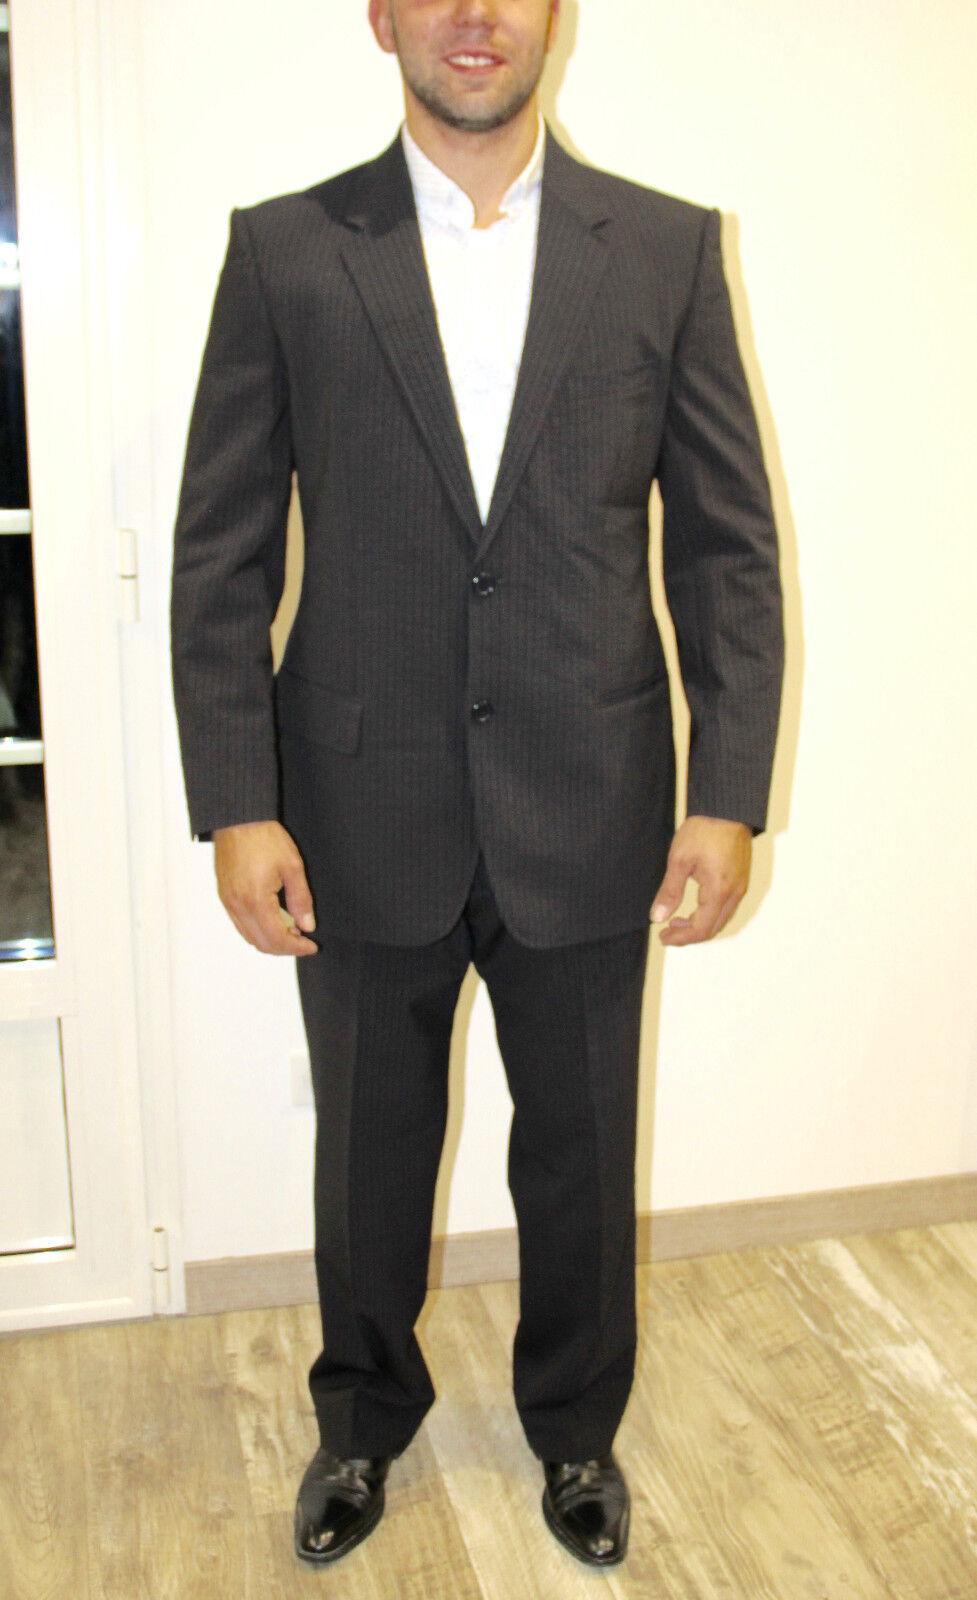 Costume à rayures HUGO BOSS allon/hago  veste T 54 (XL) pantalon T 46  fr 50i